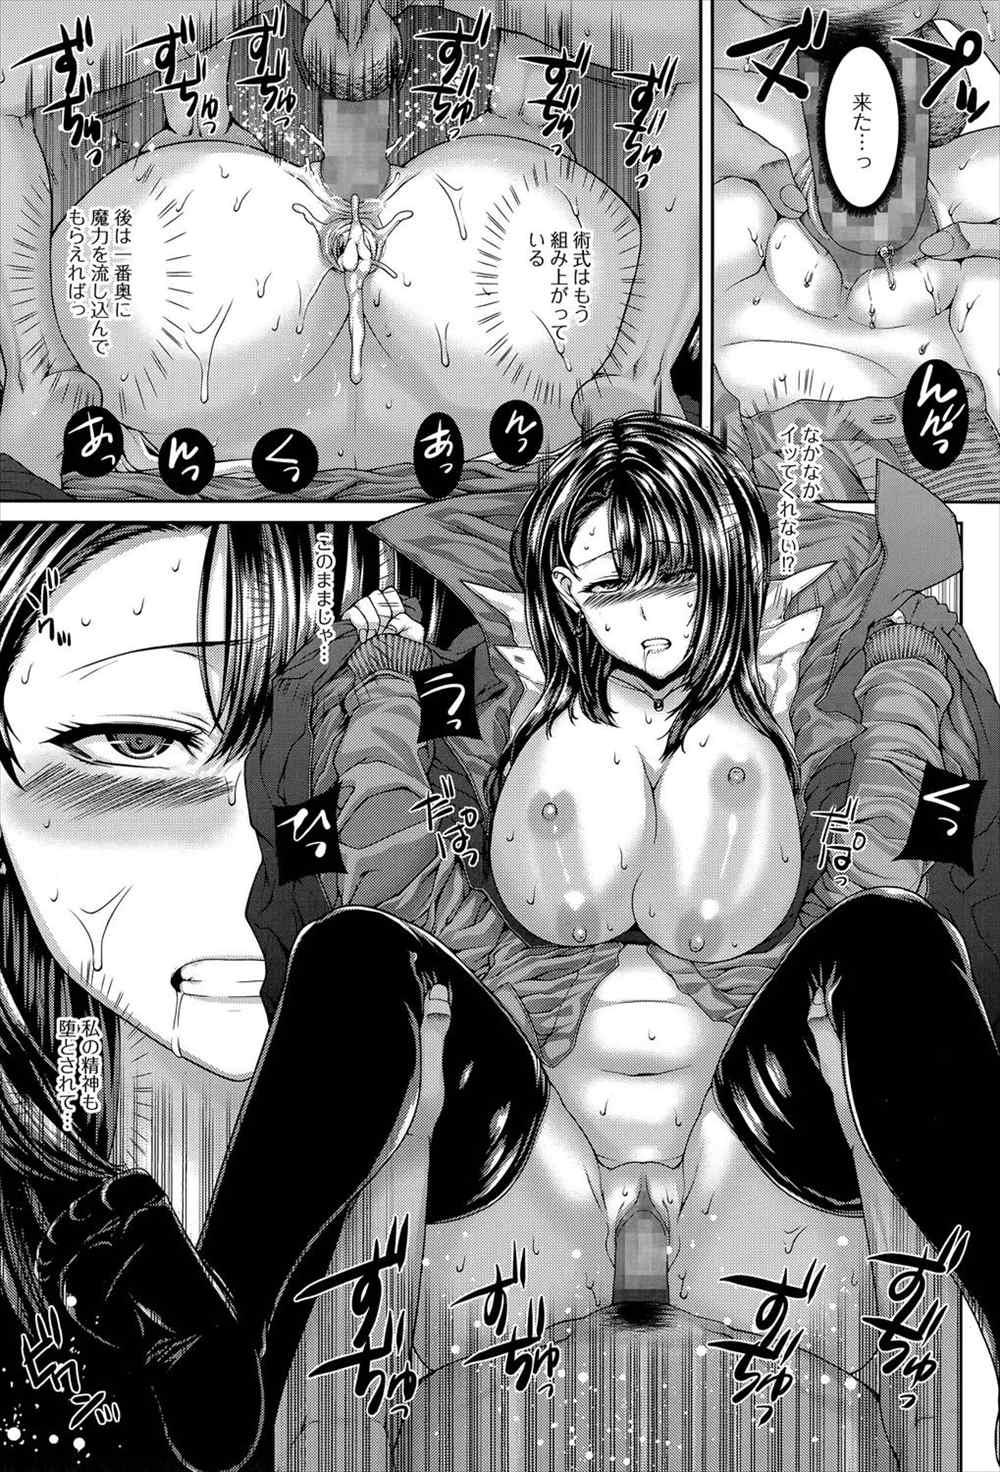 【エロ漫画】お嬢様JKは痴女で魔女!拘束されてフェラチオされ正常位アナルファックで精液搾り取られりゅぅううううwwwww